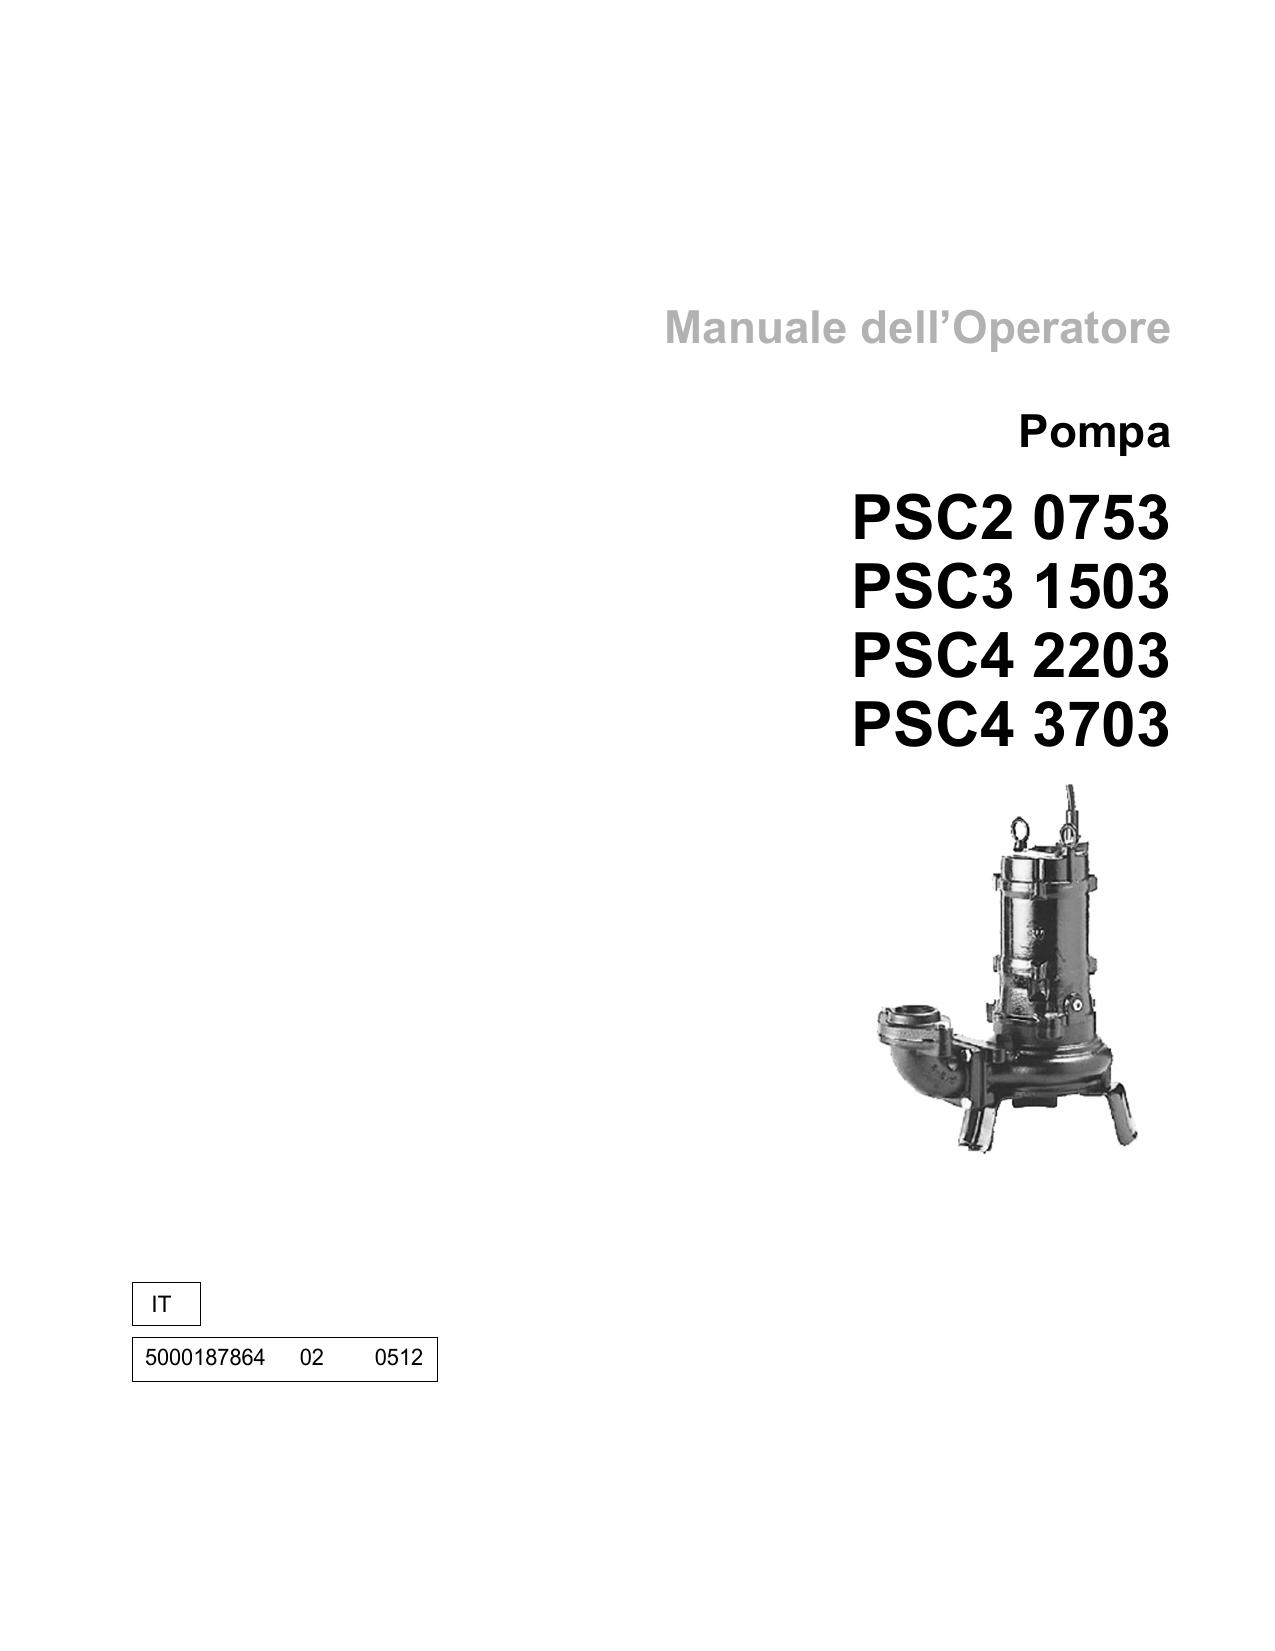 Wacker Neuson PSC20753, PSC31503, PSC42203, PSC43703 User